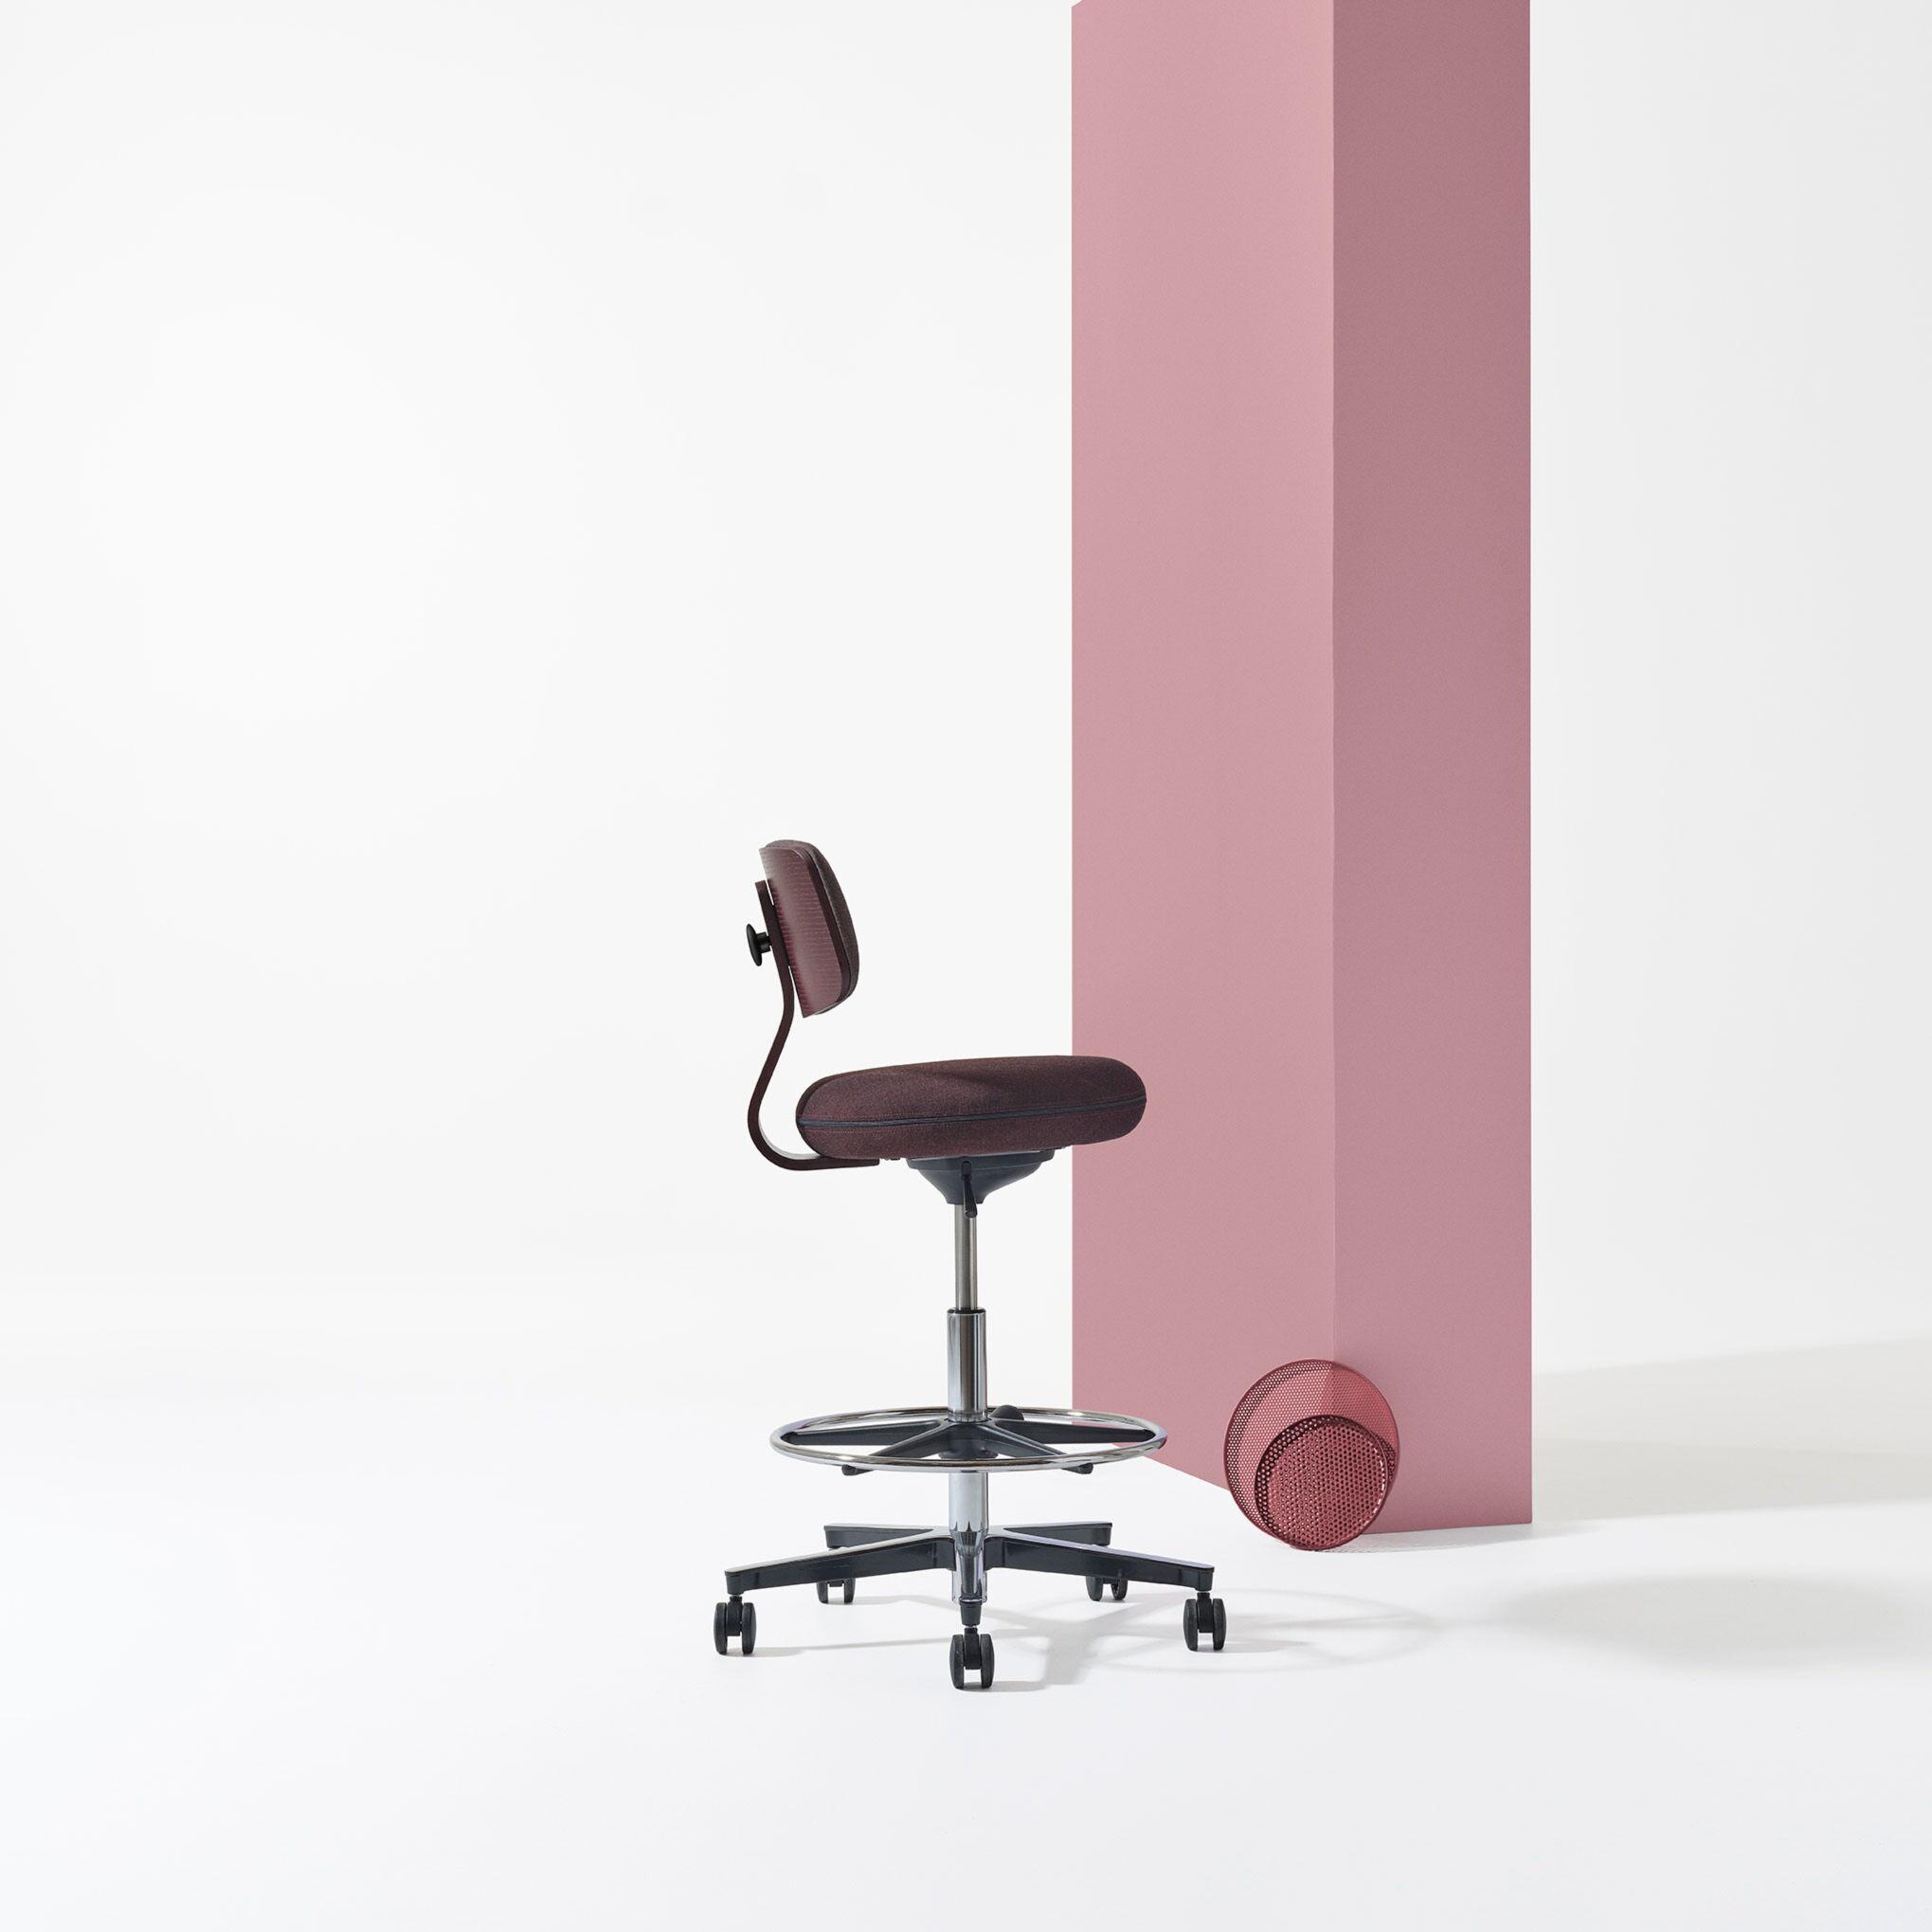 Savo 360 360 hög stol produktbild 2